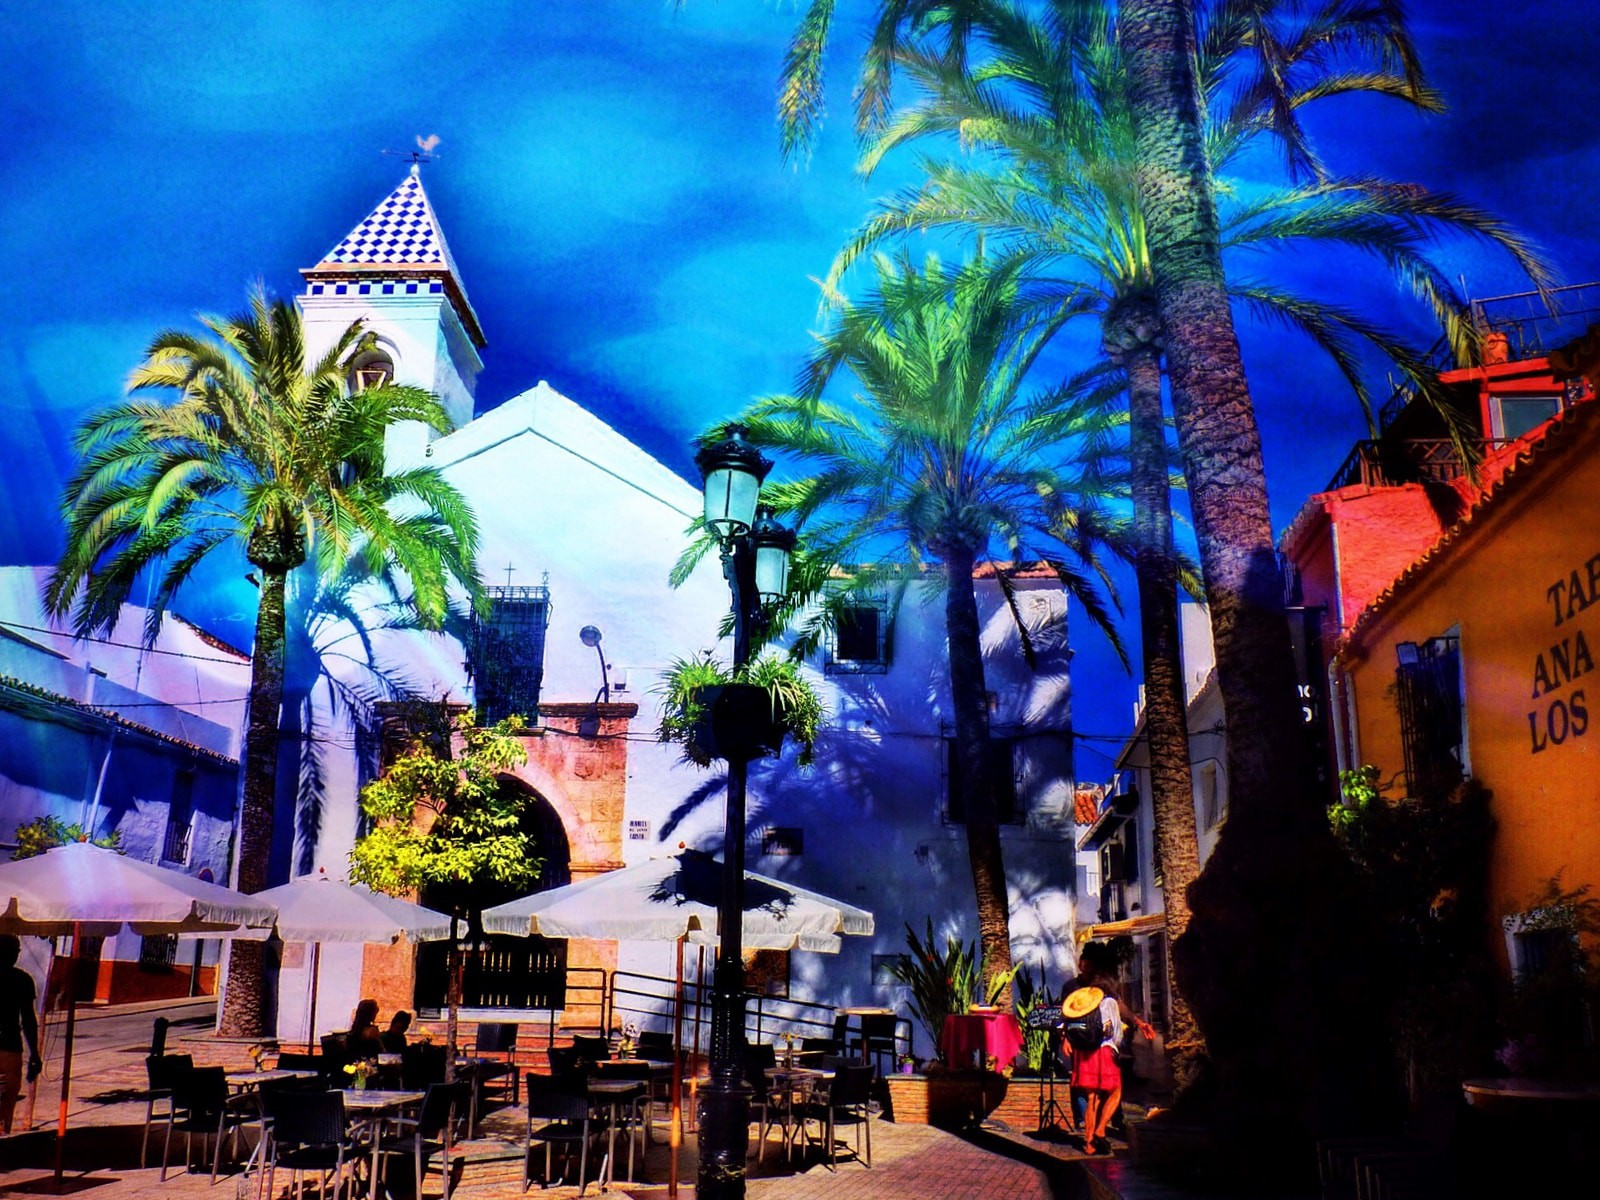 Marbella, Spain; Nick Kenrick/flickr